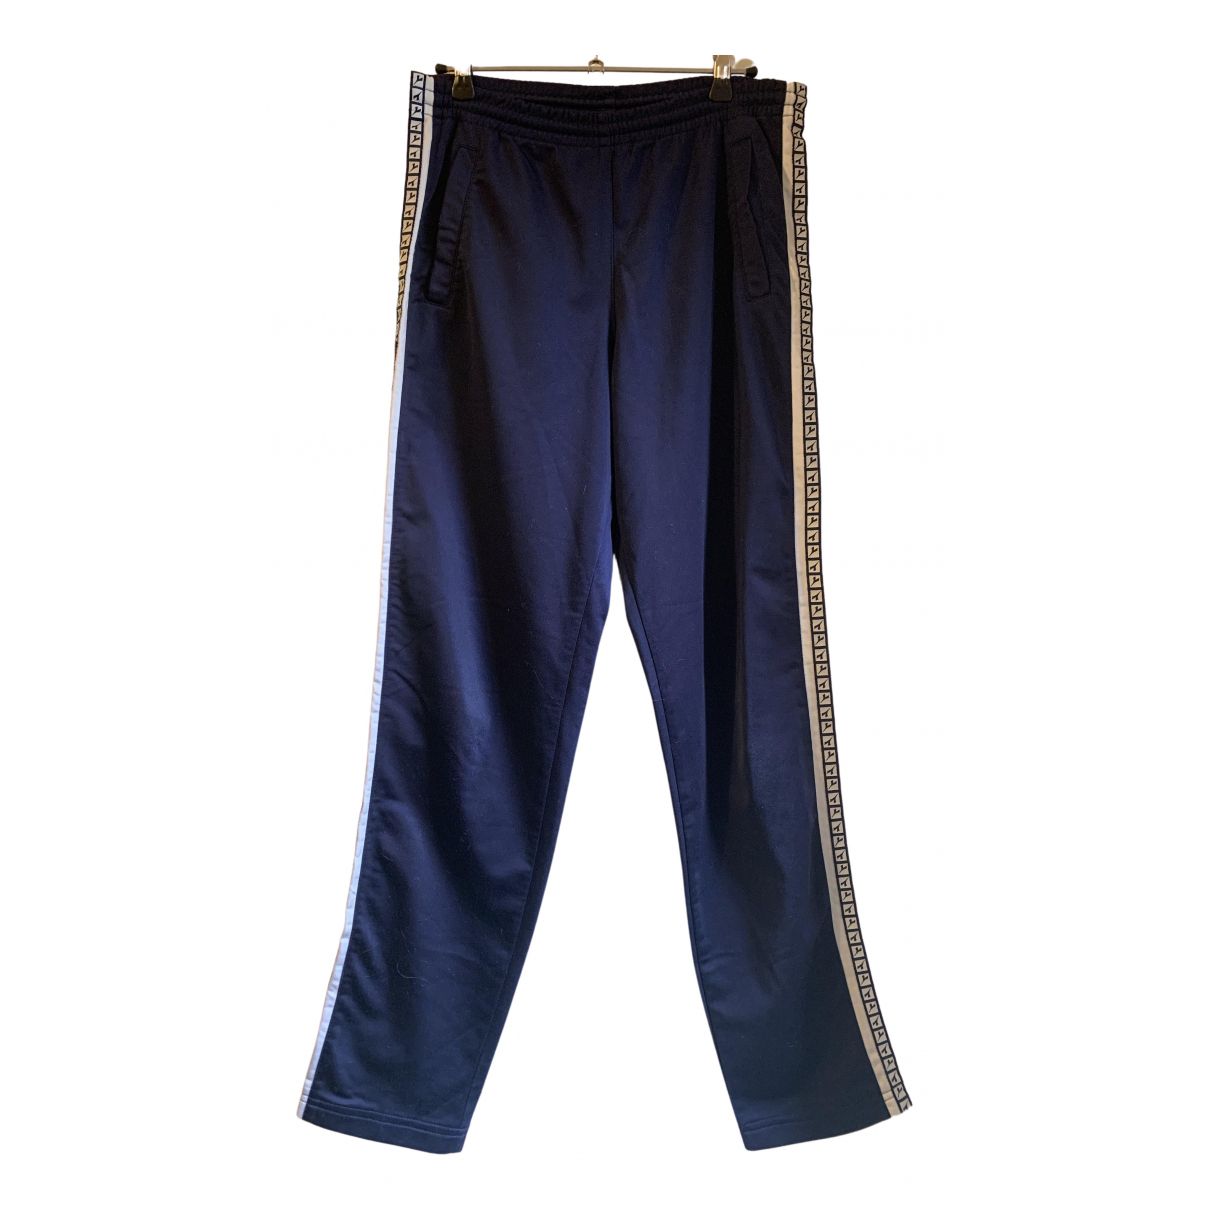 Pantalon en Poliester Azul Diadora